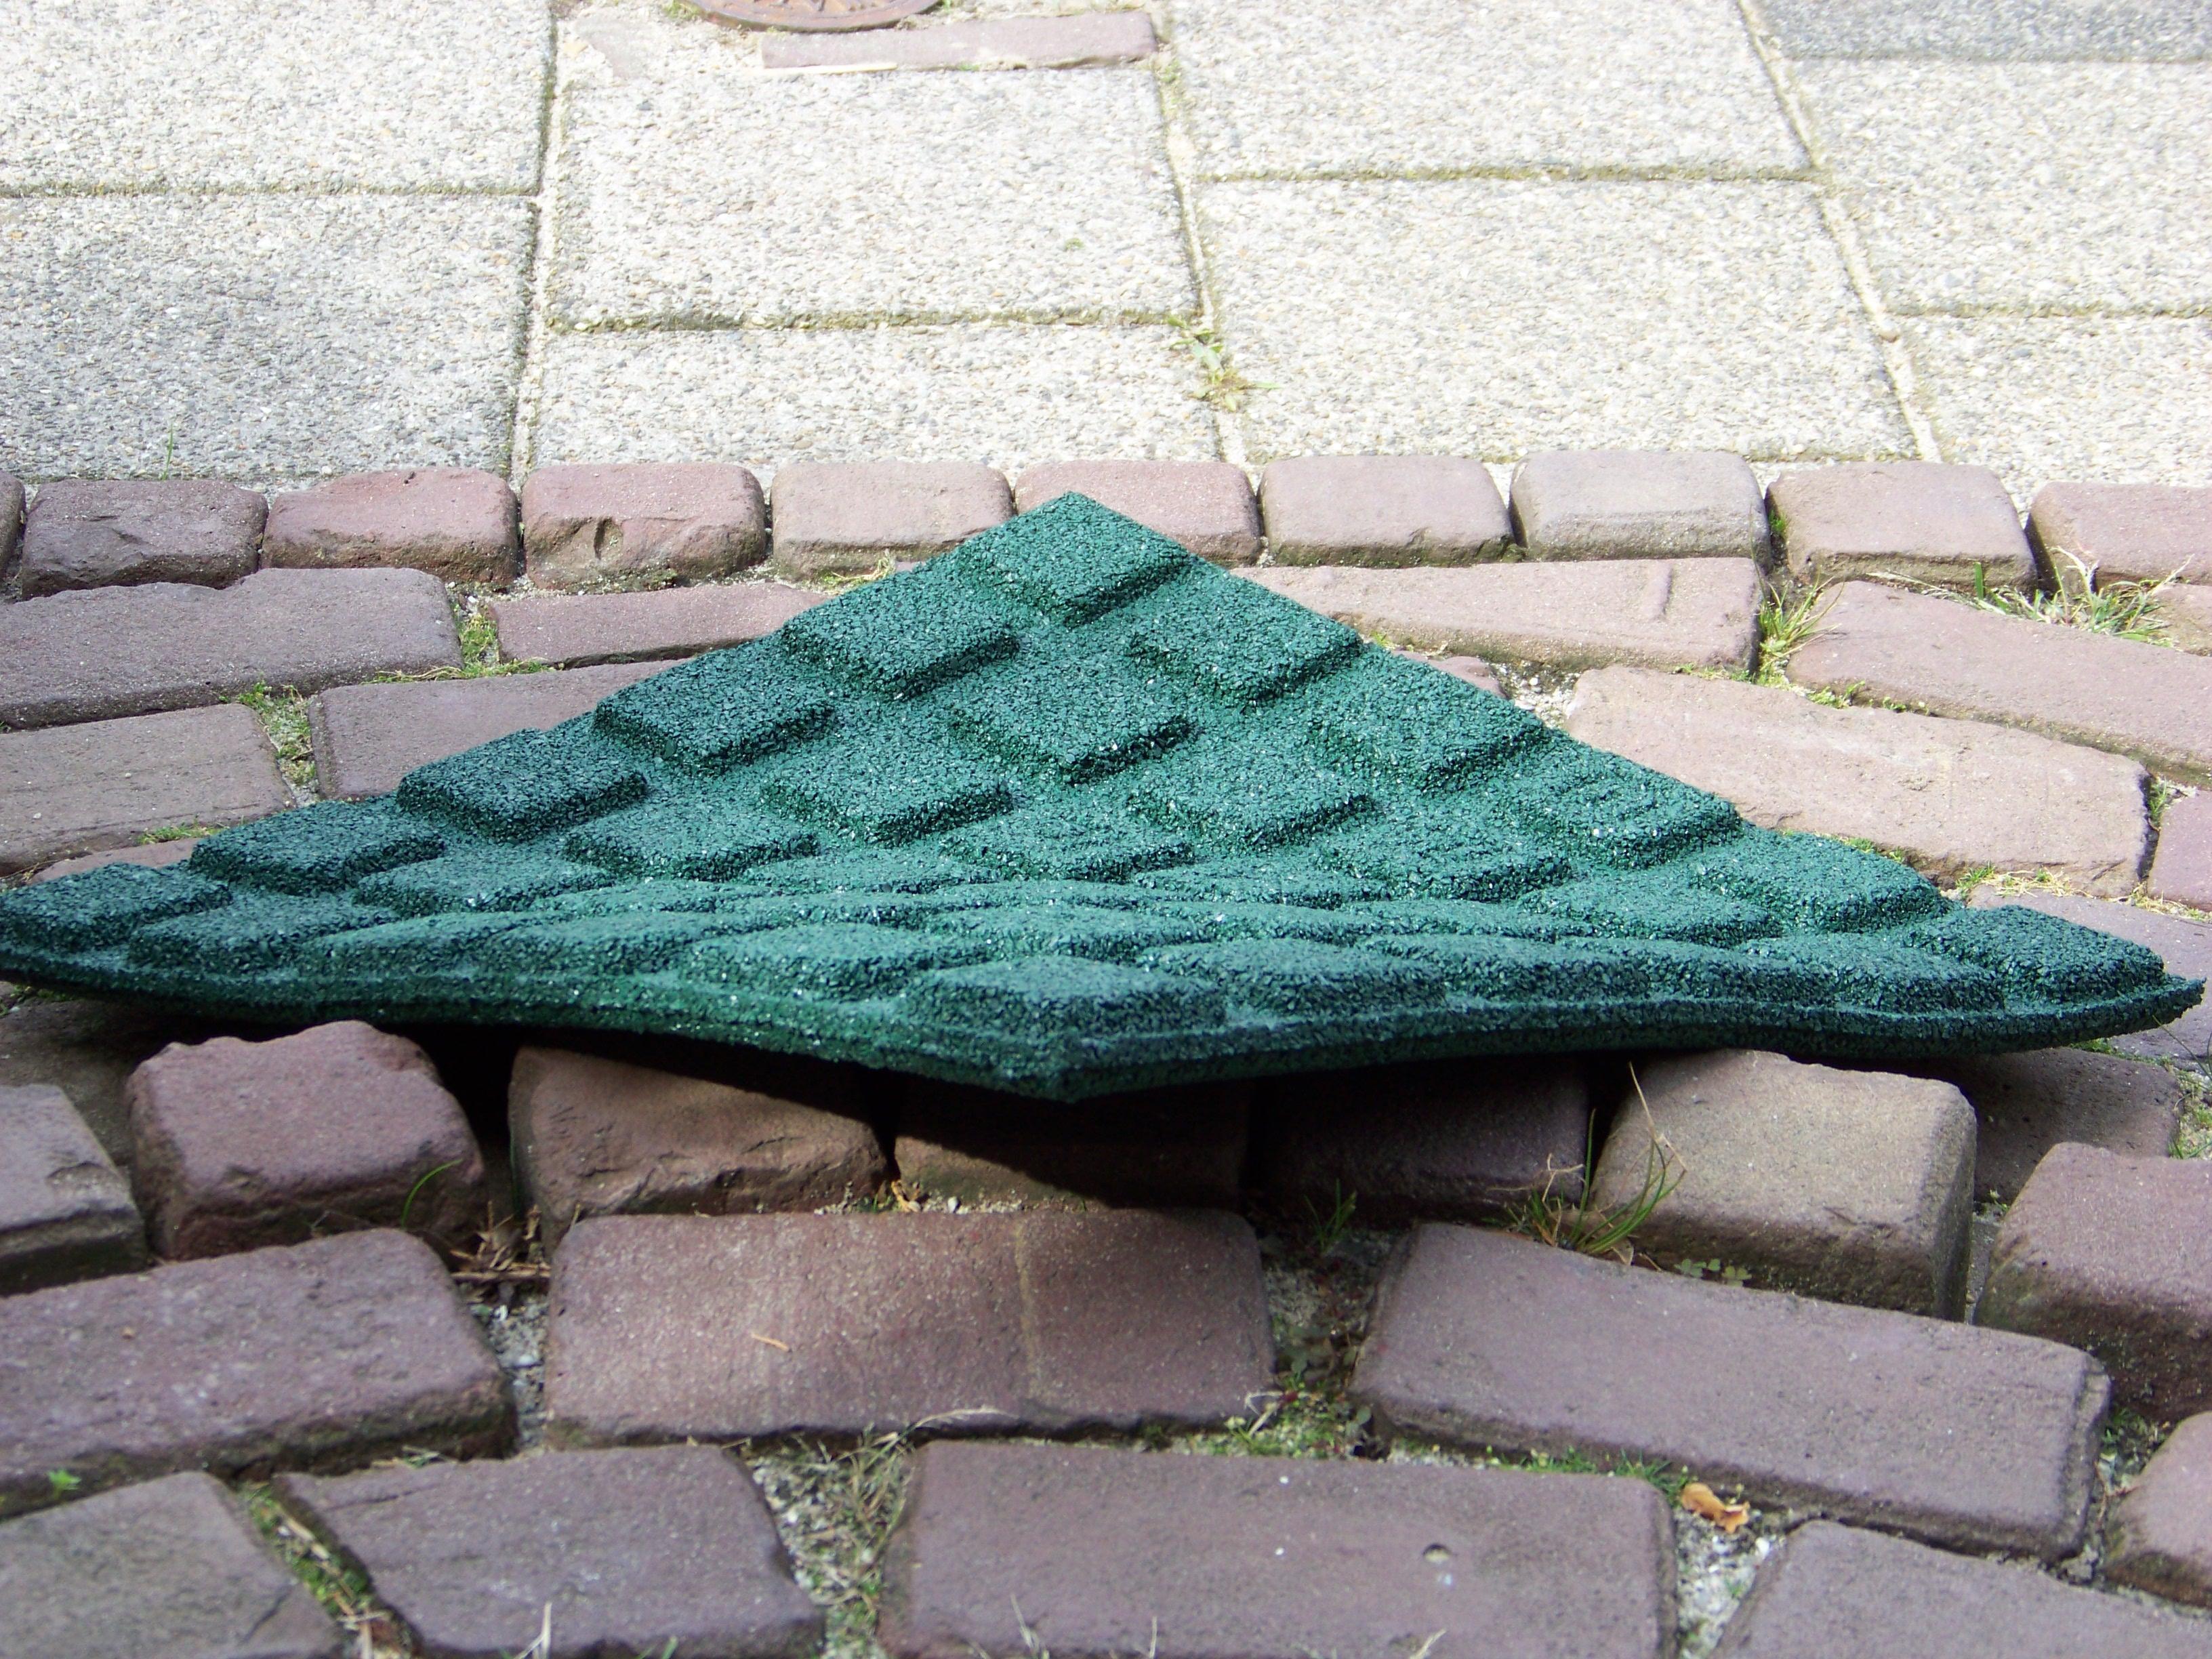 Groen Tegels Outlet : Rubber tegels outlet goedkoop ingekocht goede kwaliteit